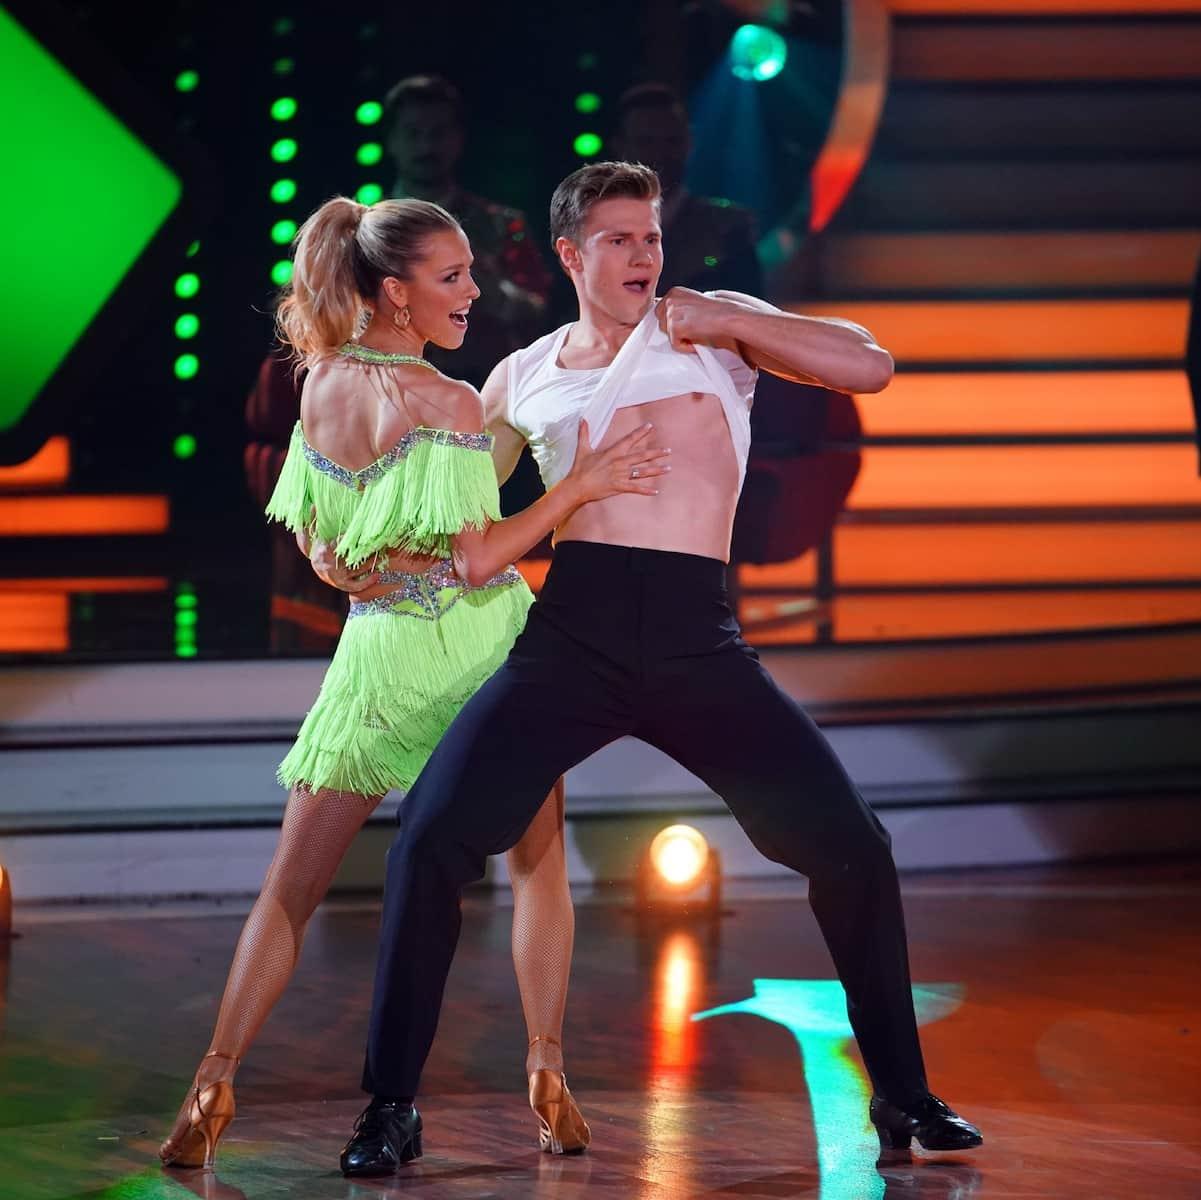 Patricija Belousova und Simon Zachenhuber - Ausgeschieden bei Let's dance am 21.5.2021